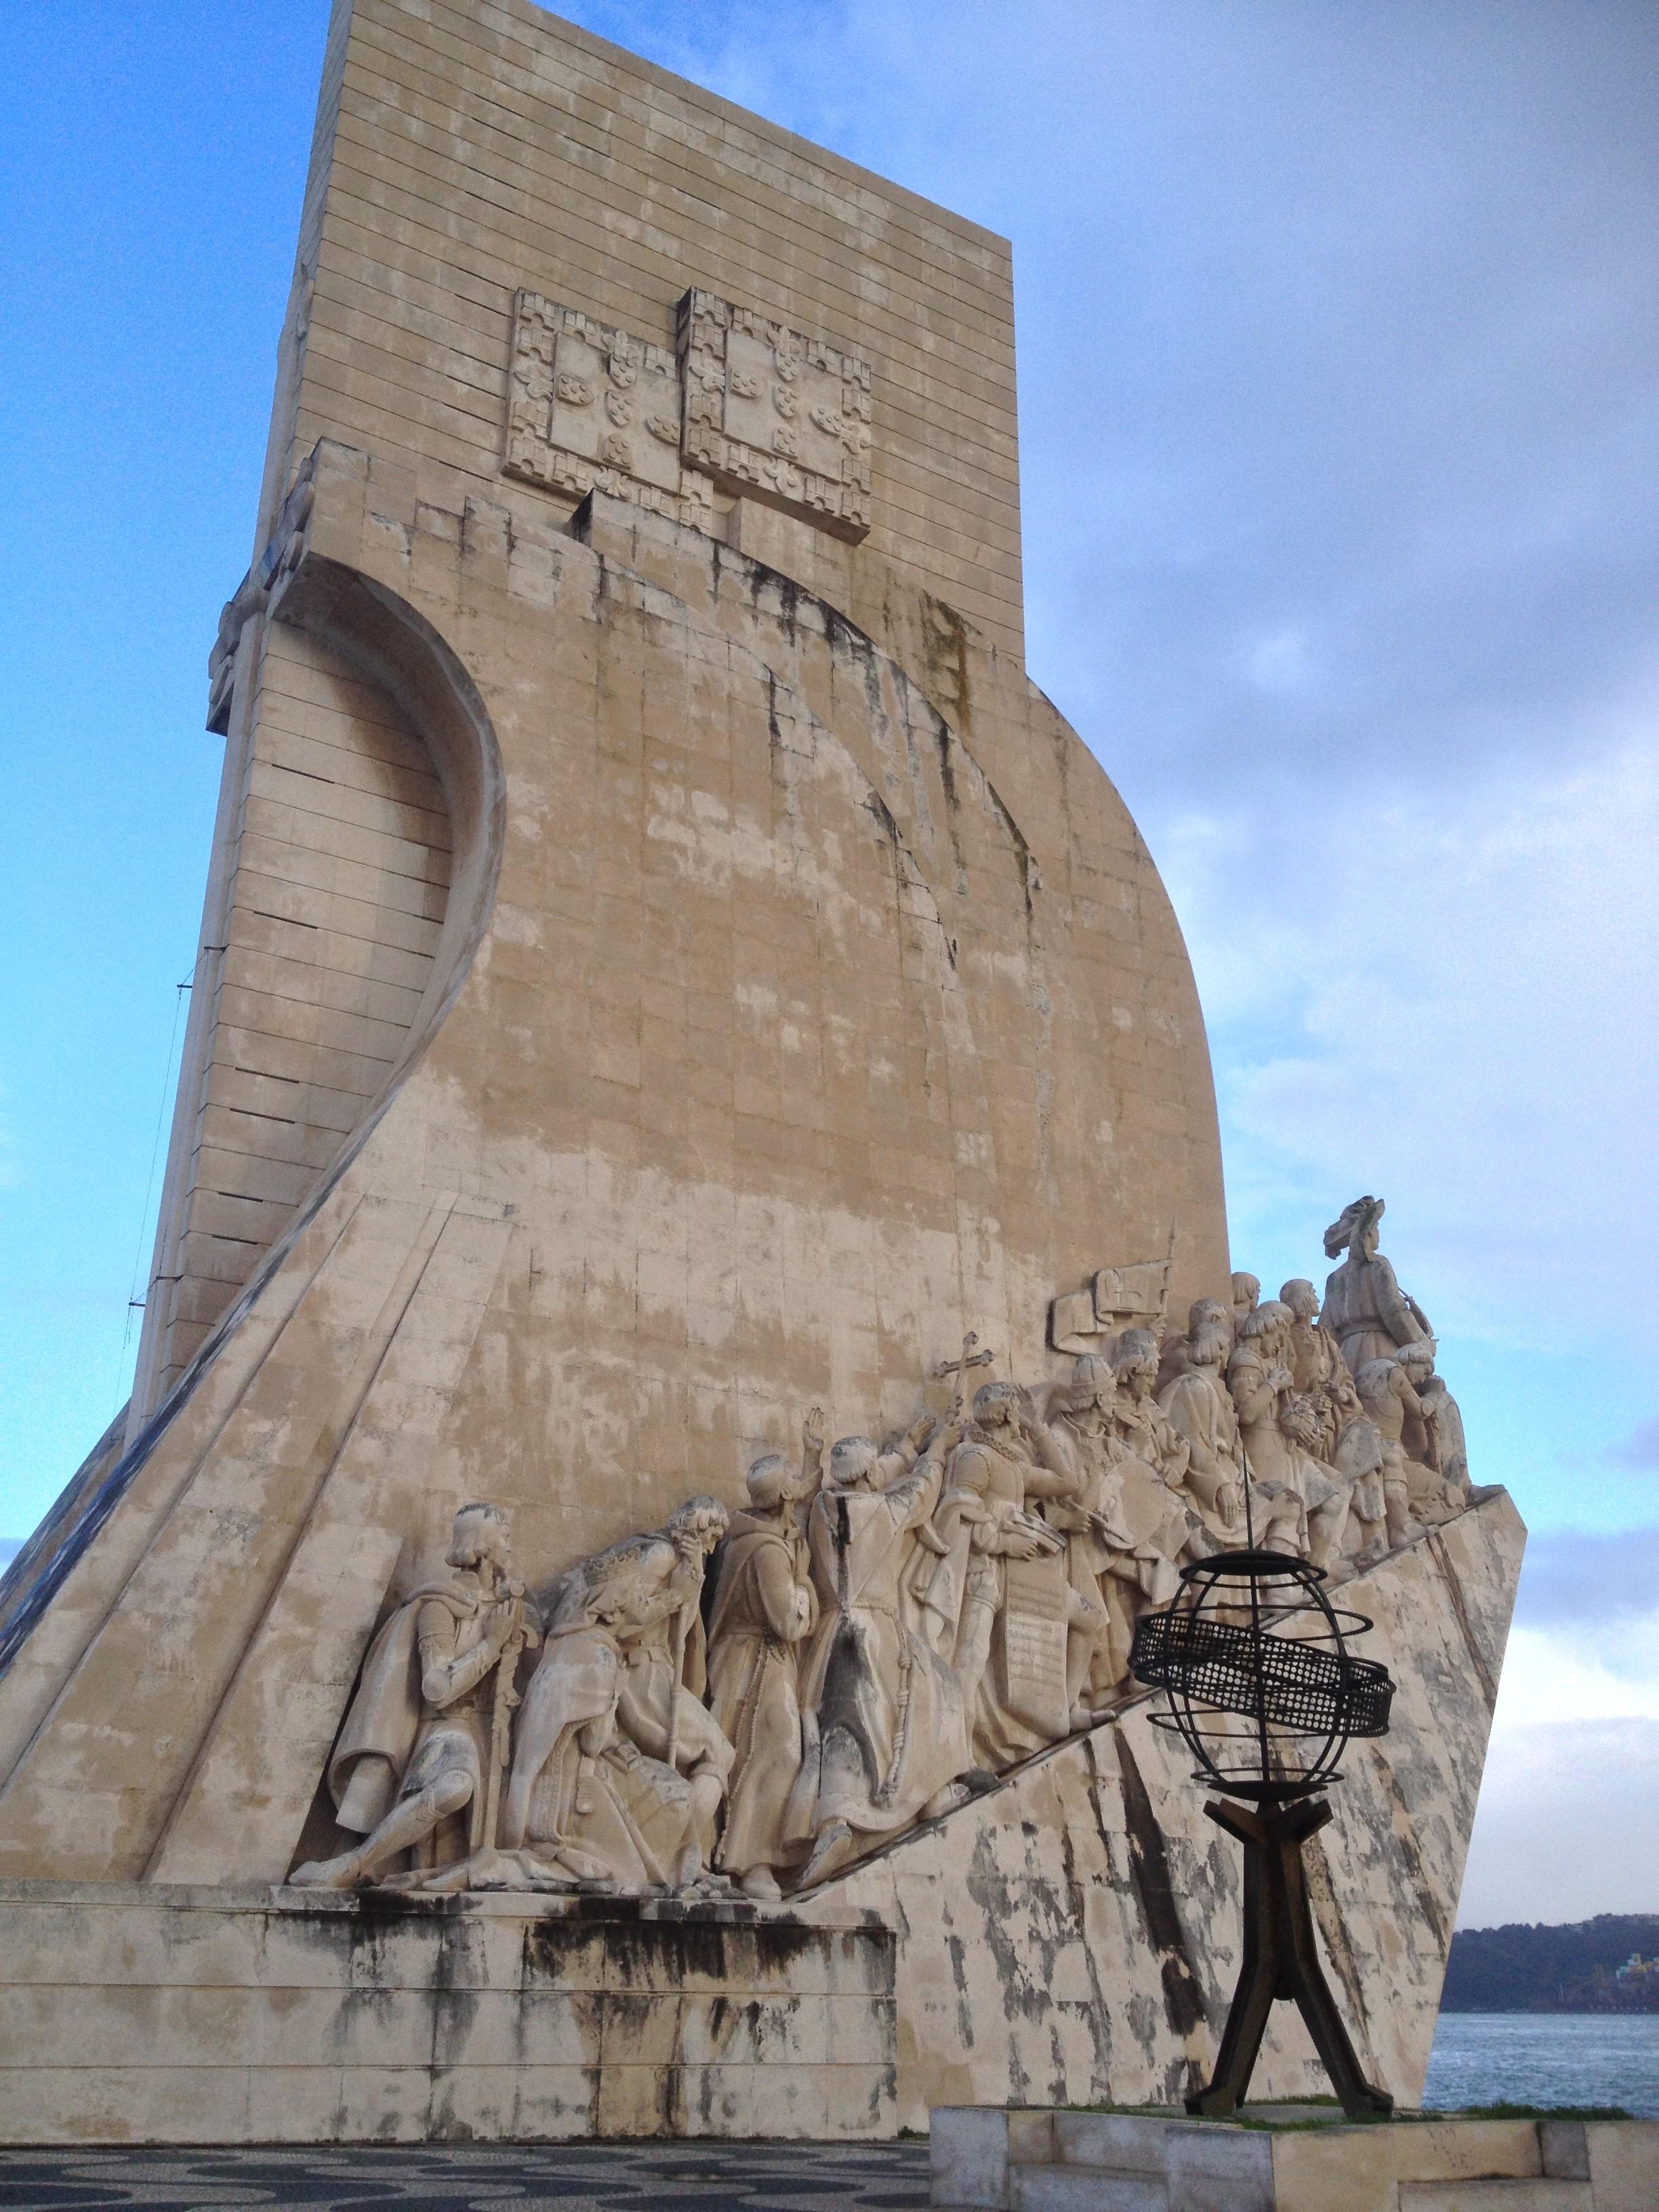 VICTOIRE SANS MOUSTACHE MAIS AVEC LE DÉLUGE ! Le rendez-vous fut compliqué par les embouteillages et les aléas du RER, mais, finalement, nous décollons à destination de la capitale Lusitanienne. […]